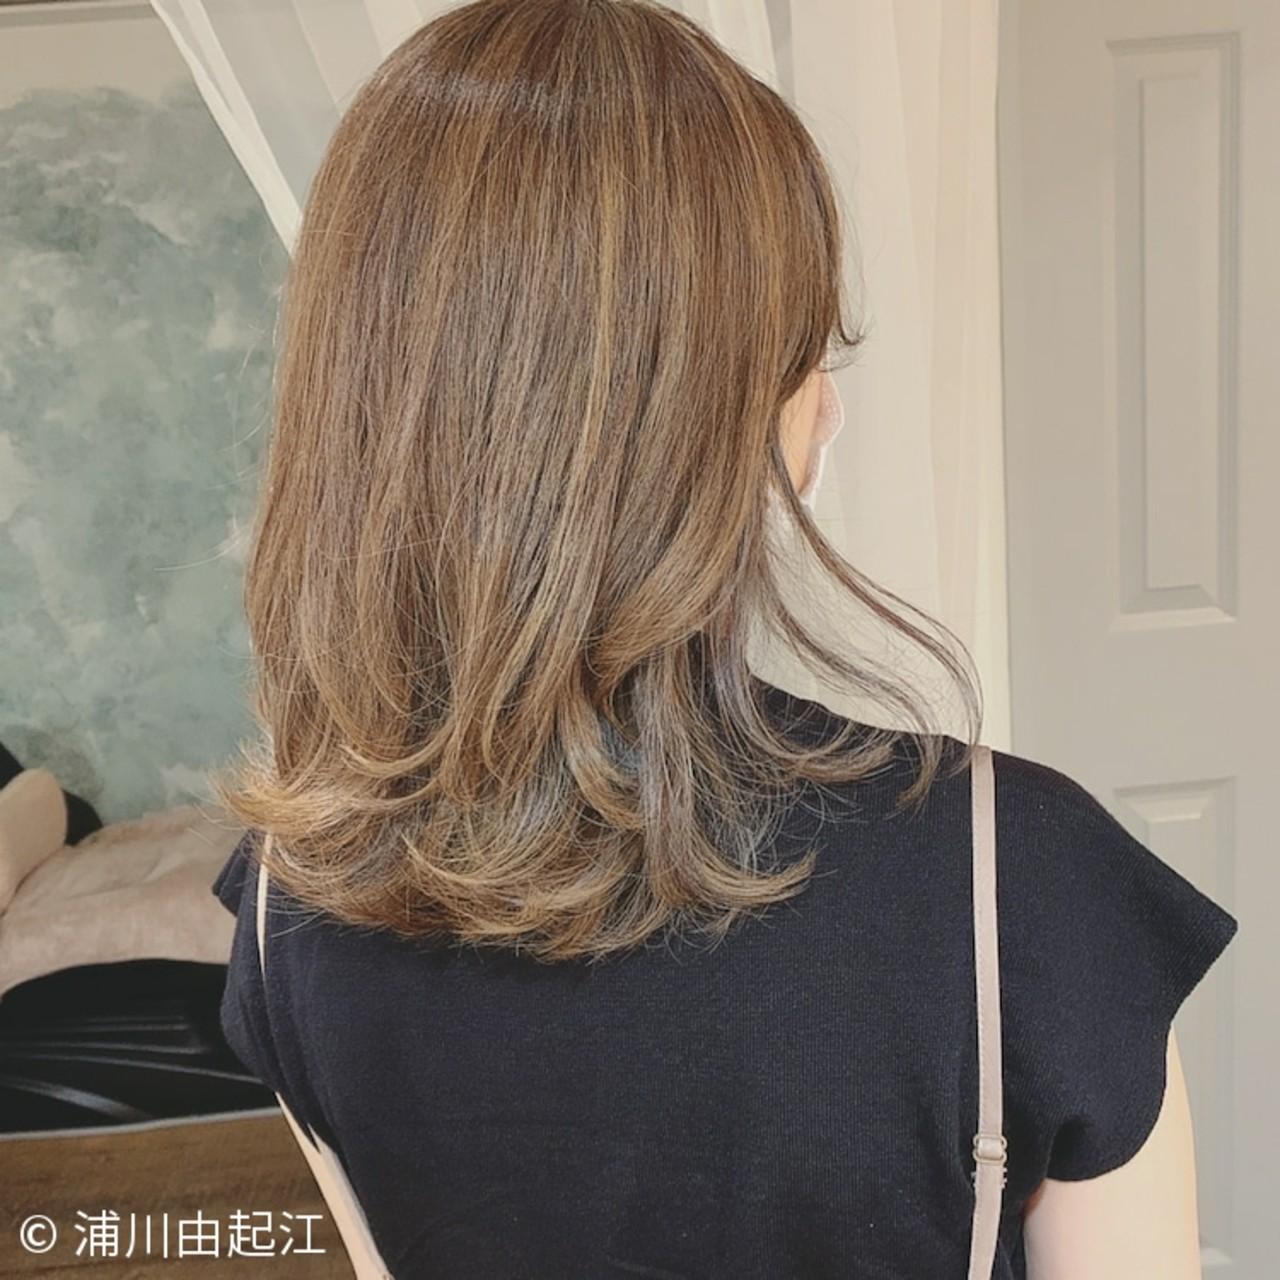 ハイライト エレガント ゆるふわ ミディアムヘアスタイルや髪型の写真・画像